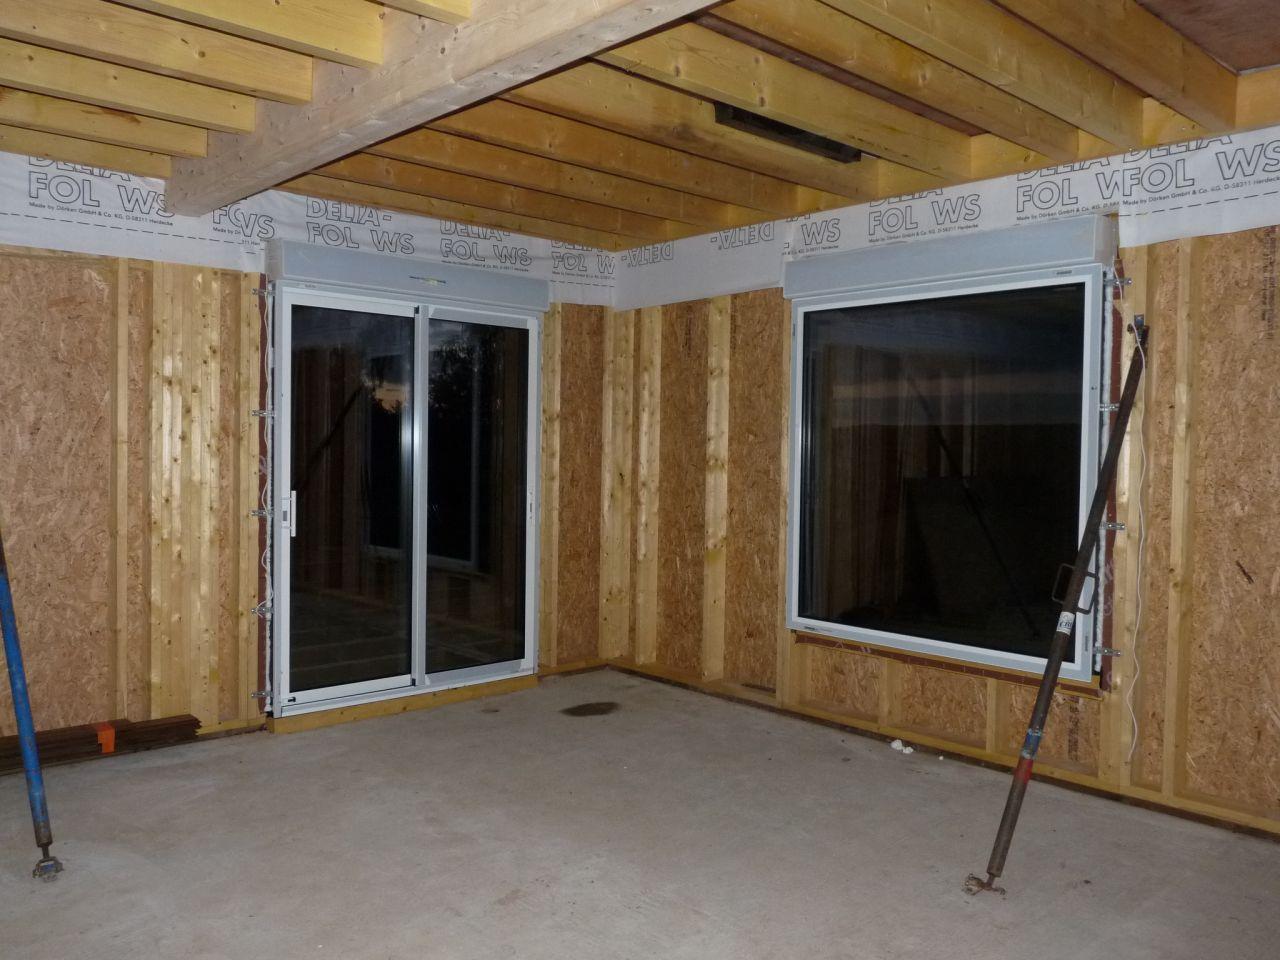 baie et fenêtre fixe